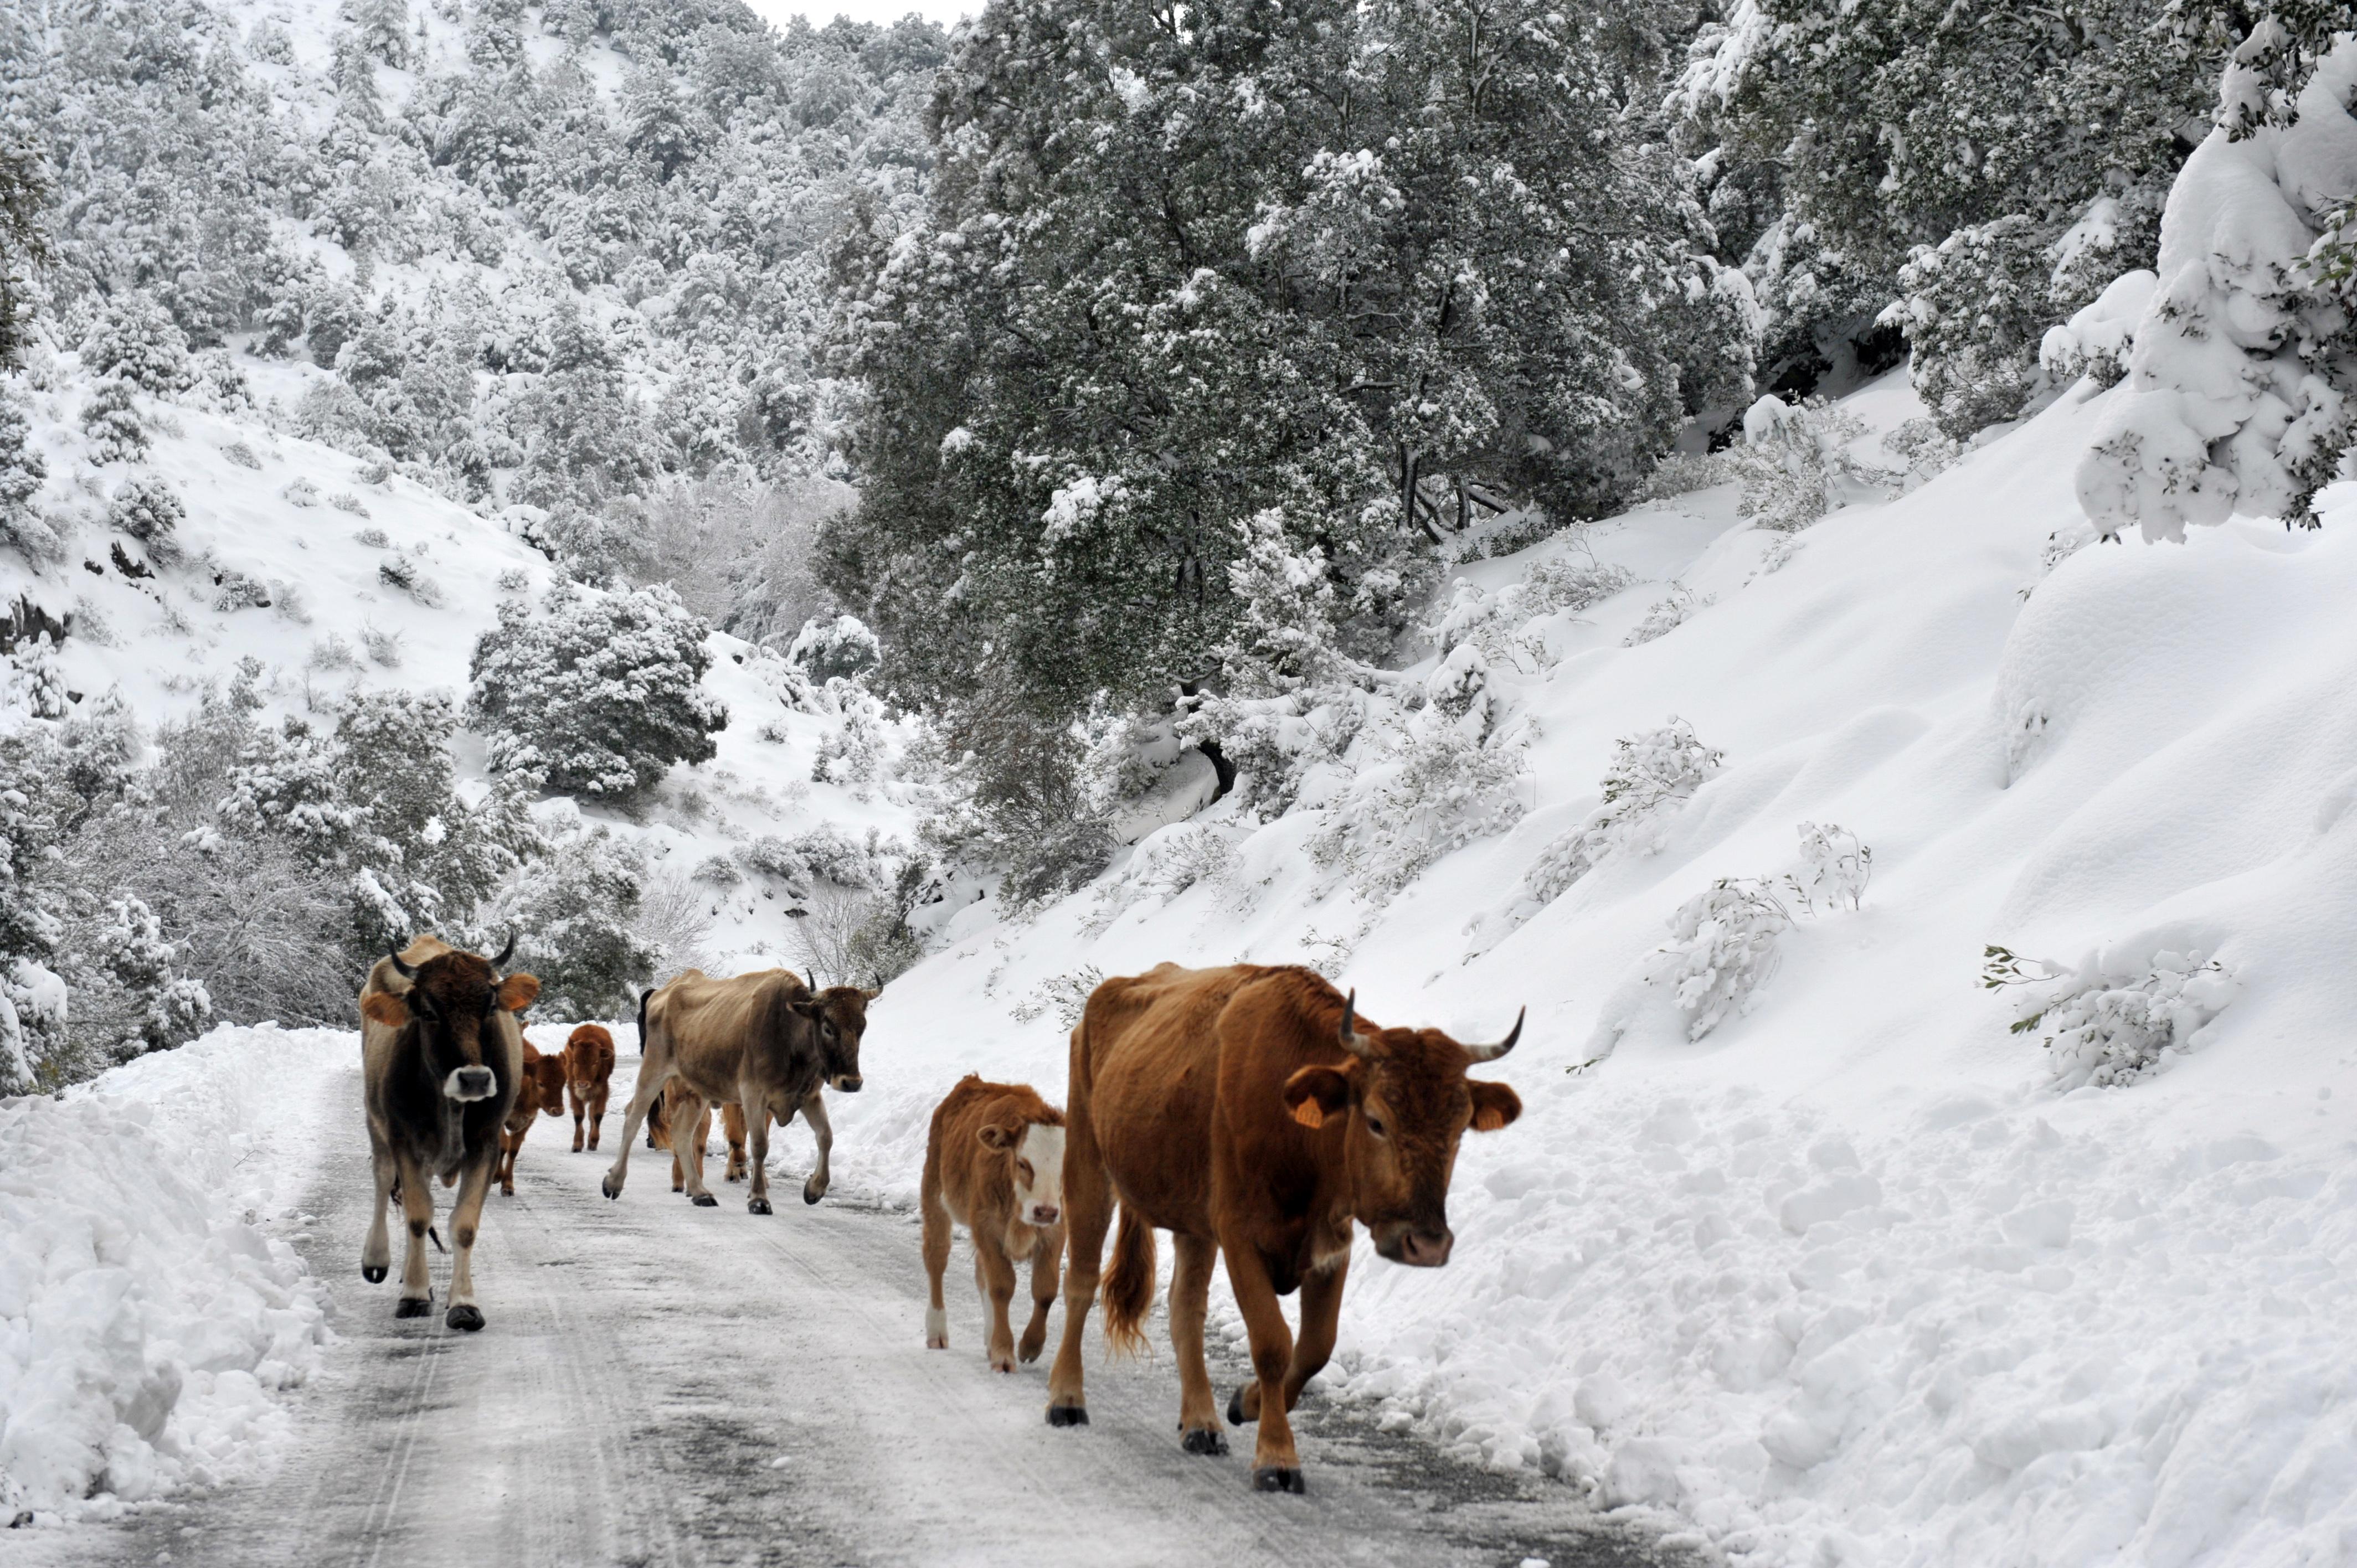 Egy ügyetlen tehén sodort el egy idős, német nőt a jeges úton